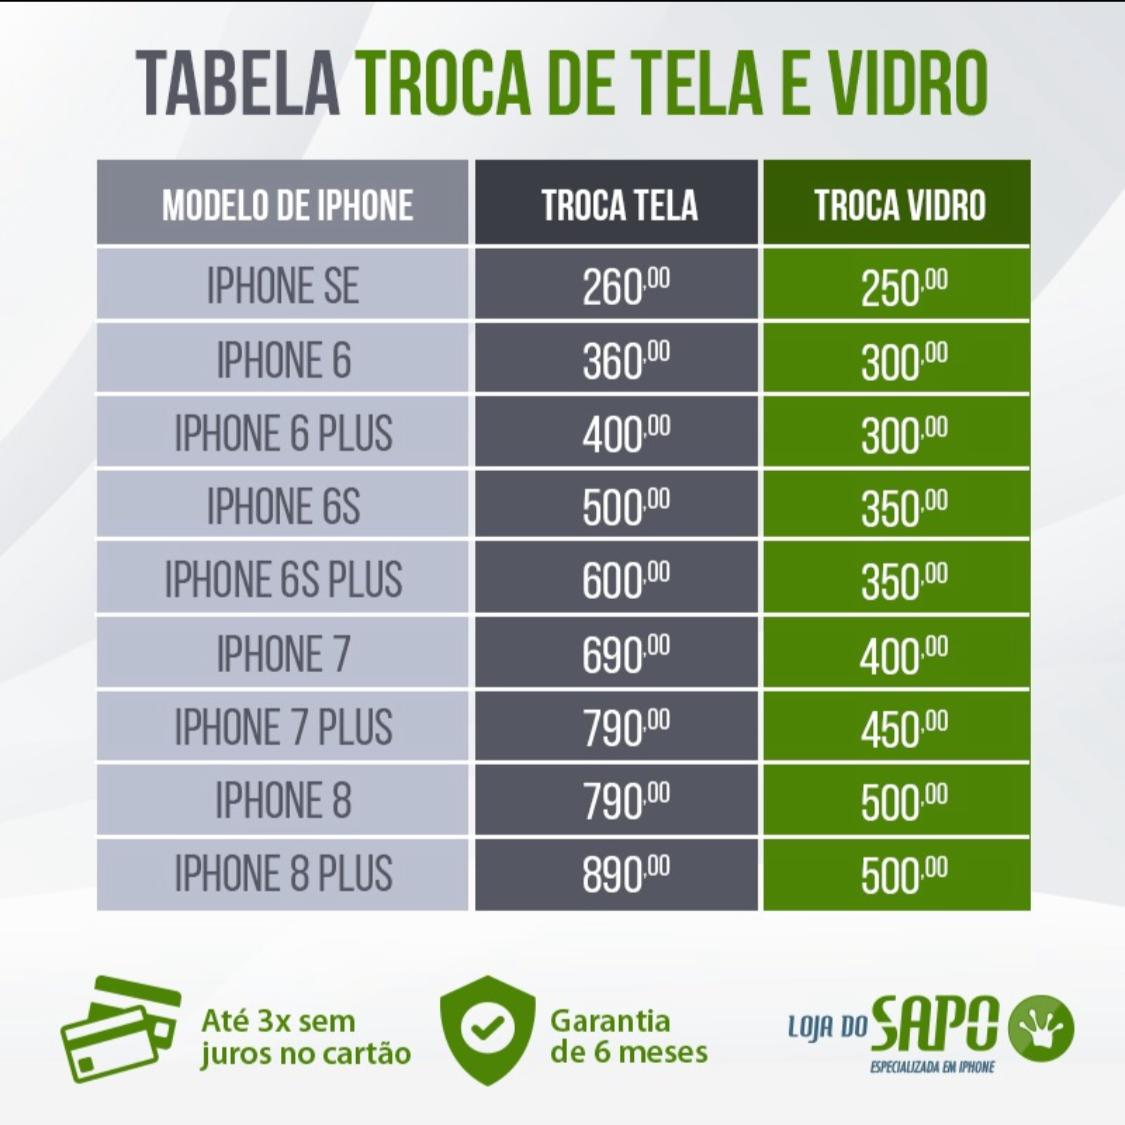 1cd60f43a73 Quebrou a tela? Loja do Sapo inova com troca de vidro para iPhones ...